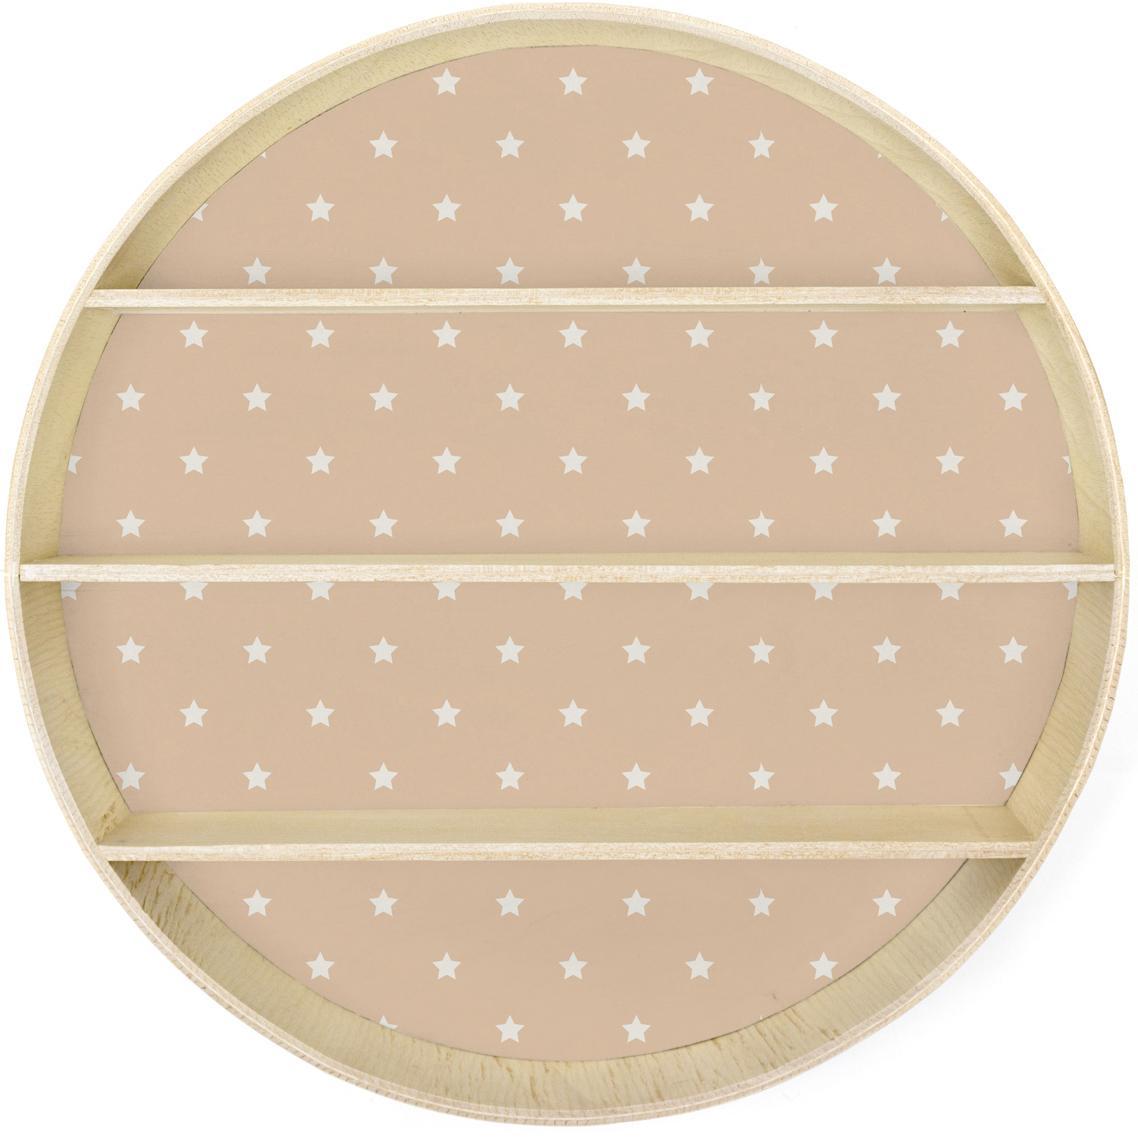 Wandregal Stars, Sperrholz, beschichtet, Rosa, Holz, Ø 56 x T 10 cm